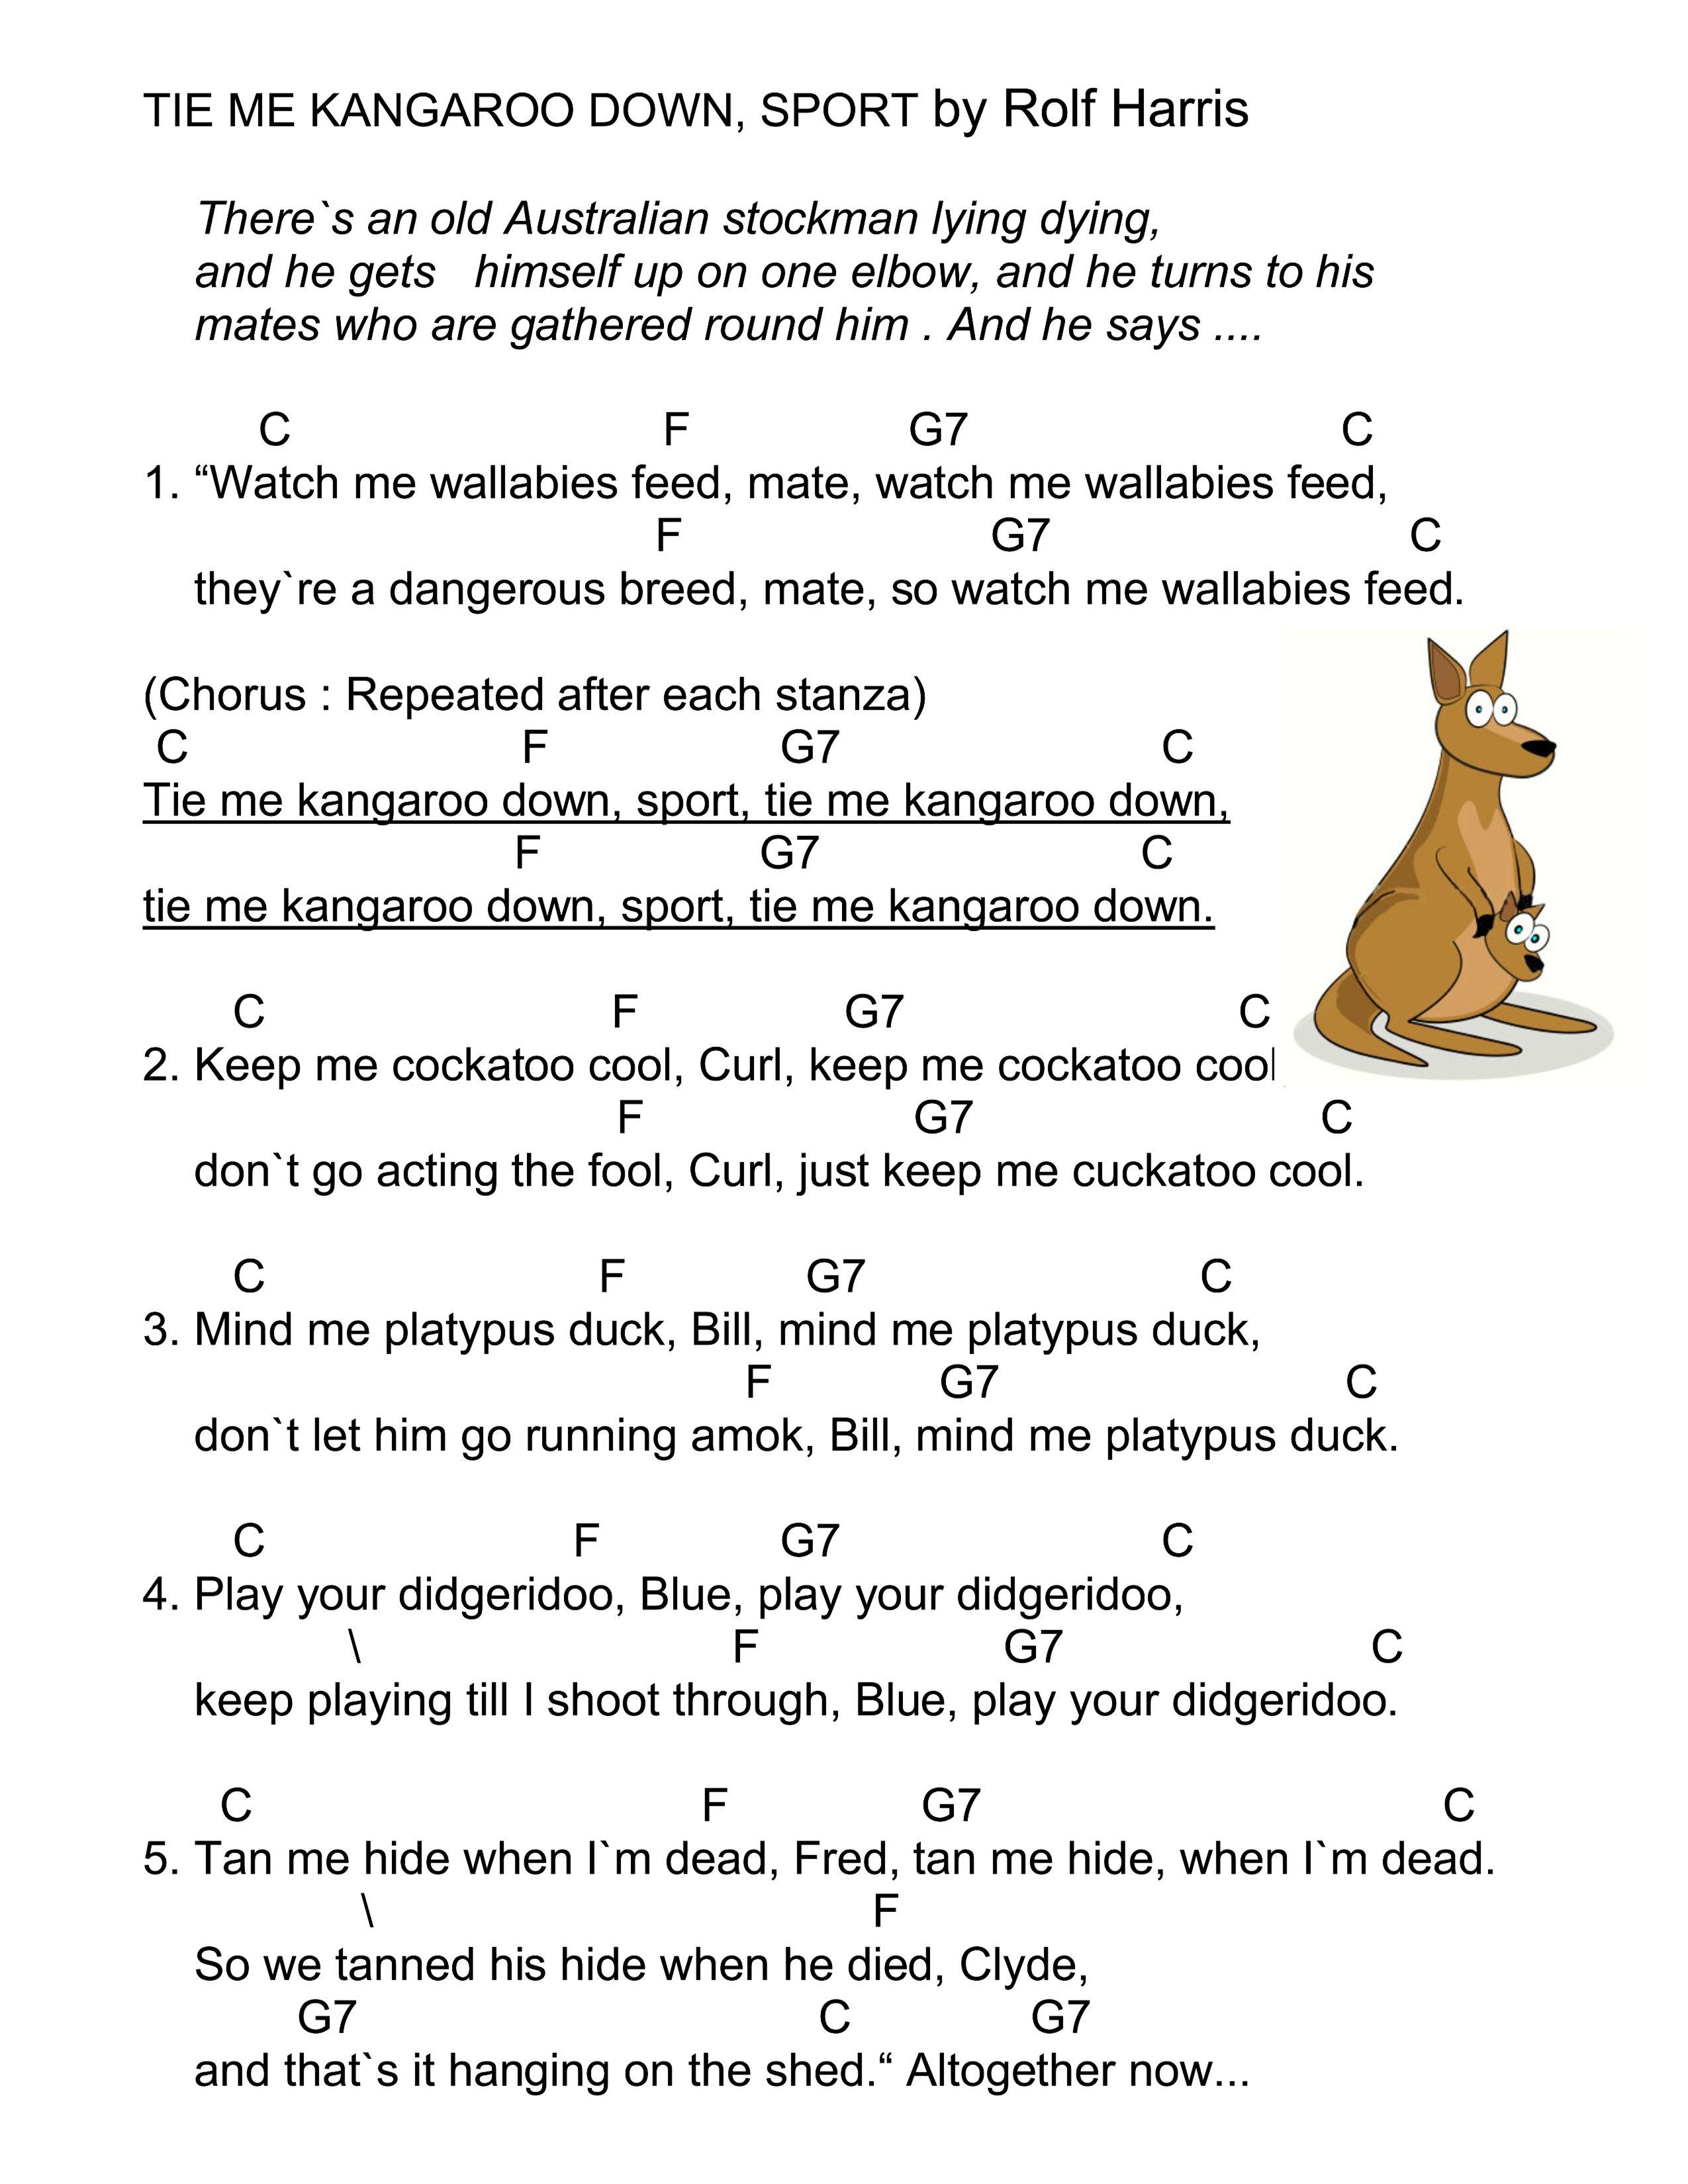 Tie me kangaroo down ukulele chords i have never heard of this tie me kangaroo down ukulele chords i have never heard of this song before but hexwebz Images